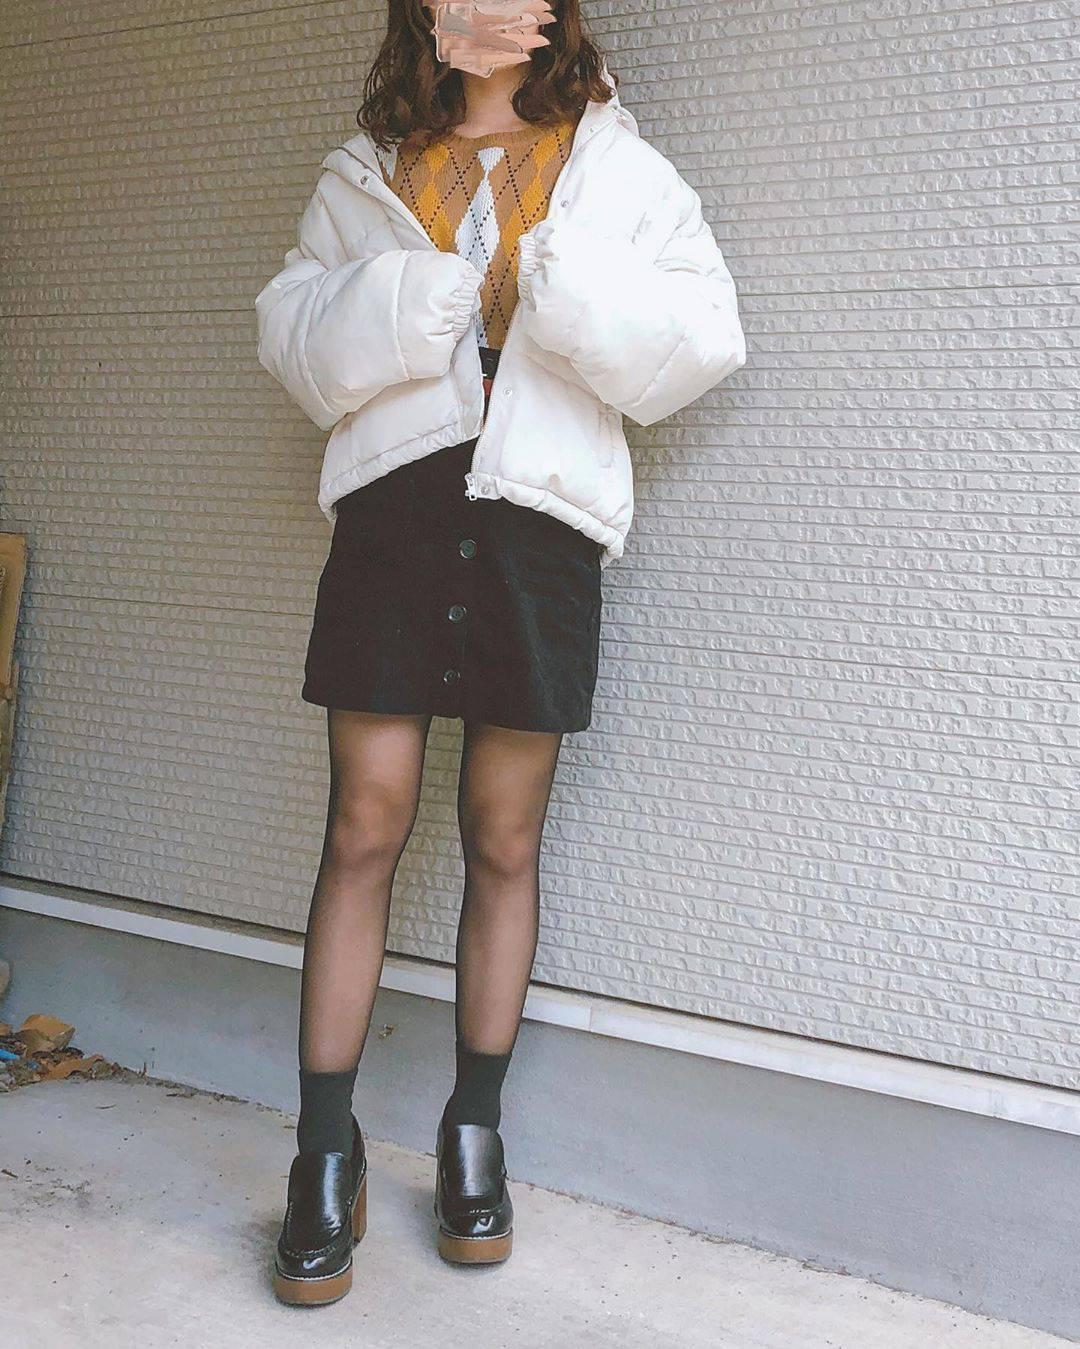 最高気温11度・最低気温1度 flower_22227の服装